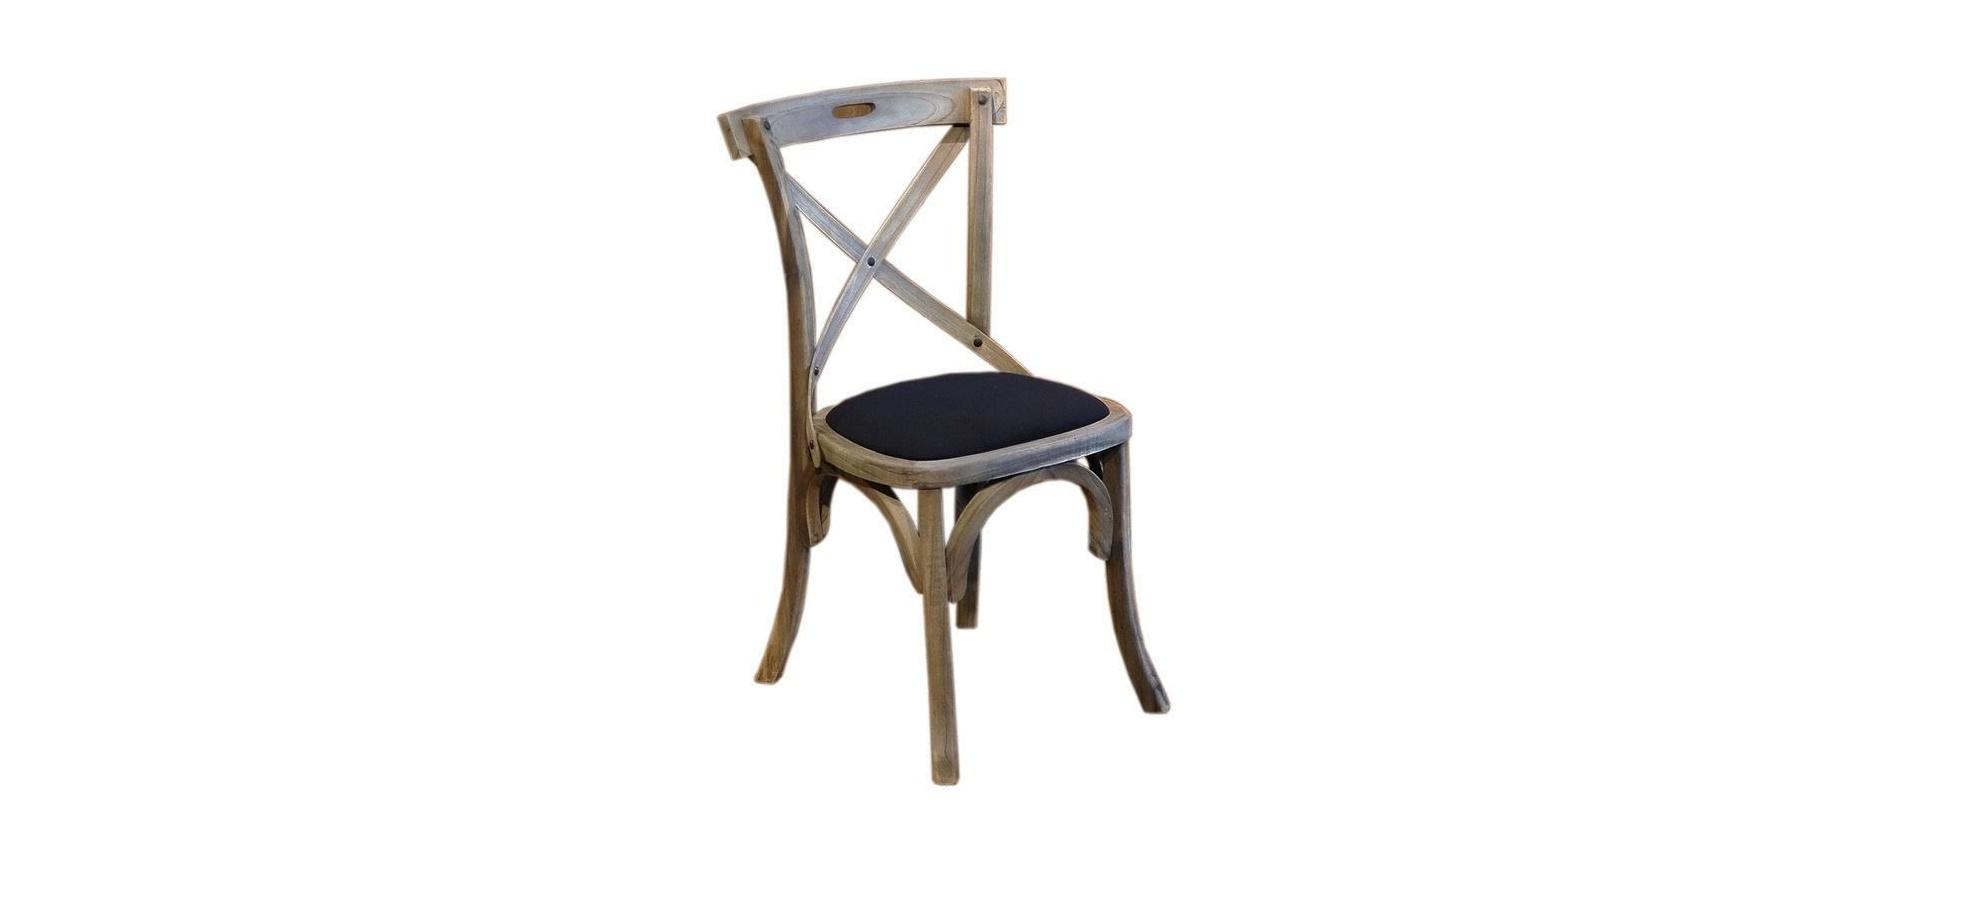 Стул ClaretОбеденные стулья<br>&amp;quot;Claret&amp;quot; ? стул, изготовленный из дерева минди. Благодаря классическому силуэту естественная красота натурального материала проявляется в полной мере. Элегантные узоры дарят сдержанному прованскому дизайну изящество и романтизм. Возможность выбора тканевой обивки на свой вкус позволяет самостоятельно завершить оформление и сделать его подходящим для интерьеров любой гаммы.<br><br>Material: Текстиль<br>Length см: 91<br>Width см: 48<br>Height см: 49